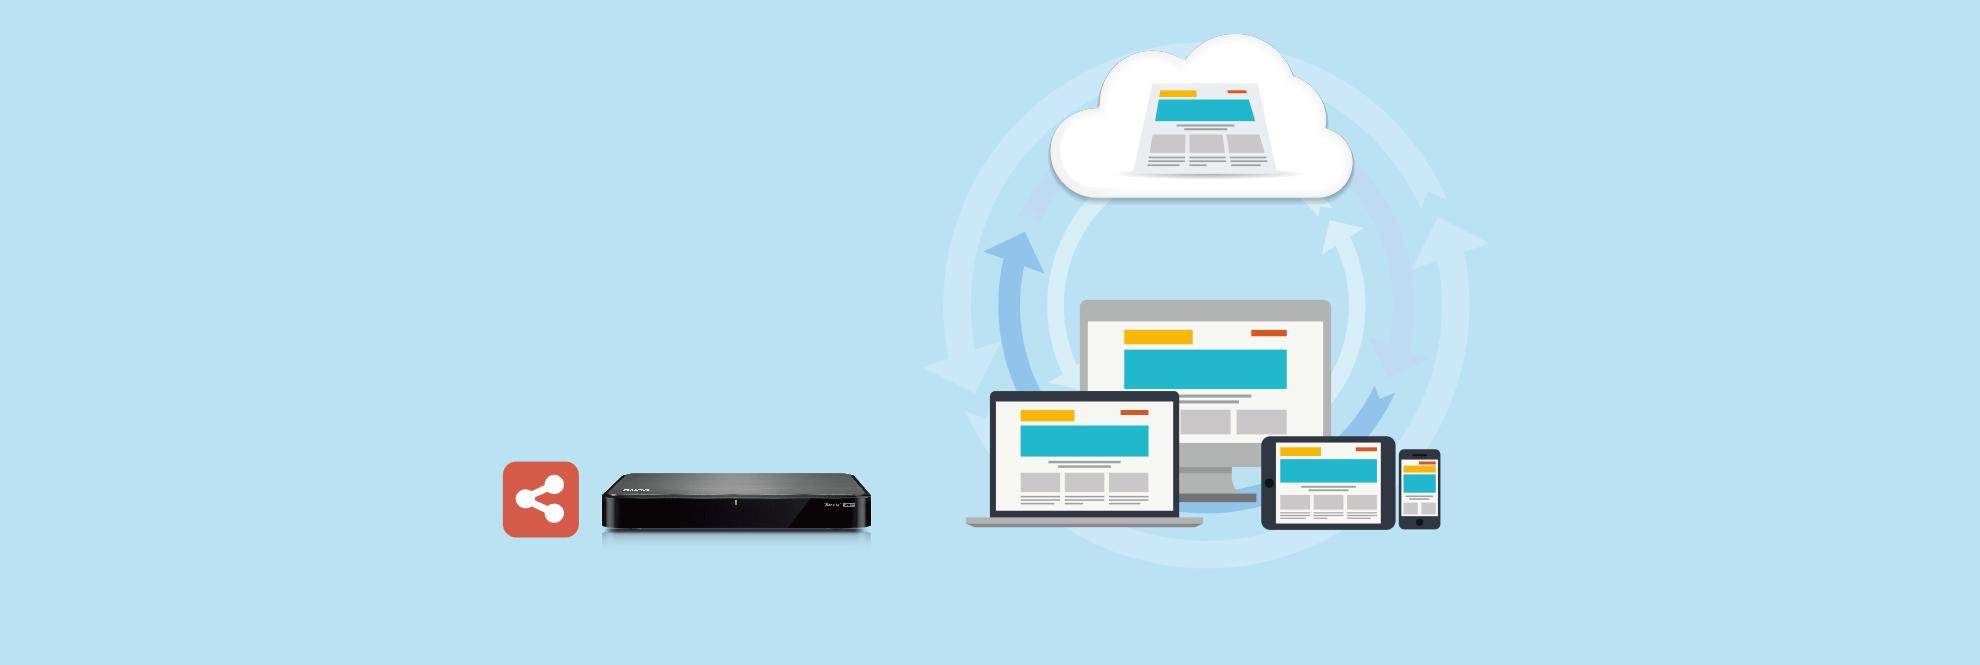 Uso compartido sencillo Cuando desee compartir medios o archivos desde el Turbo ÑAS, no es necesario utilizar cables USB o tarjetas SD ni incluso estar en el mismo lugar. Comparta y sincronice fácilmente los archivos independientemente de dónde se encuentre, a dónde vaya y en cualquier dispositivo que desee.